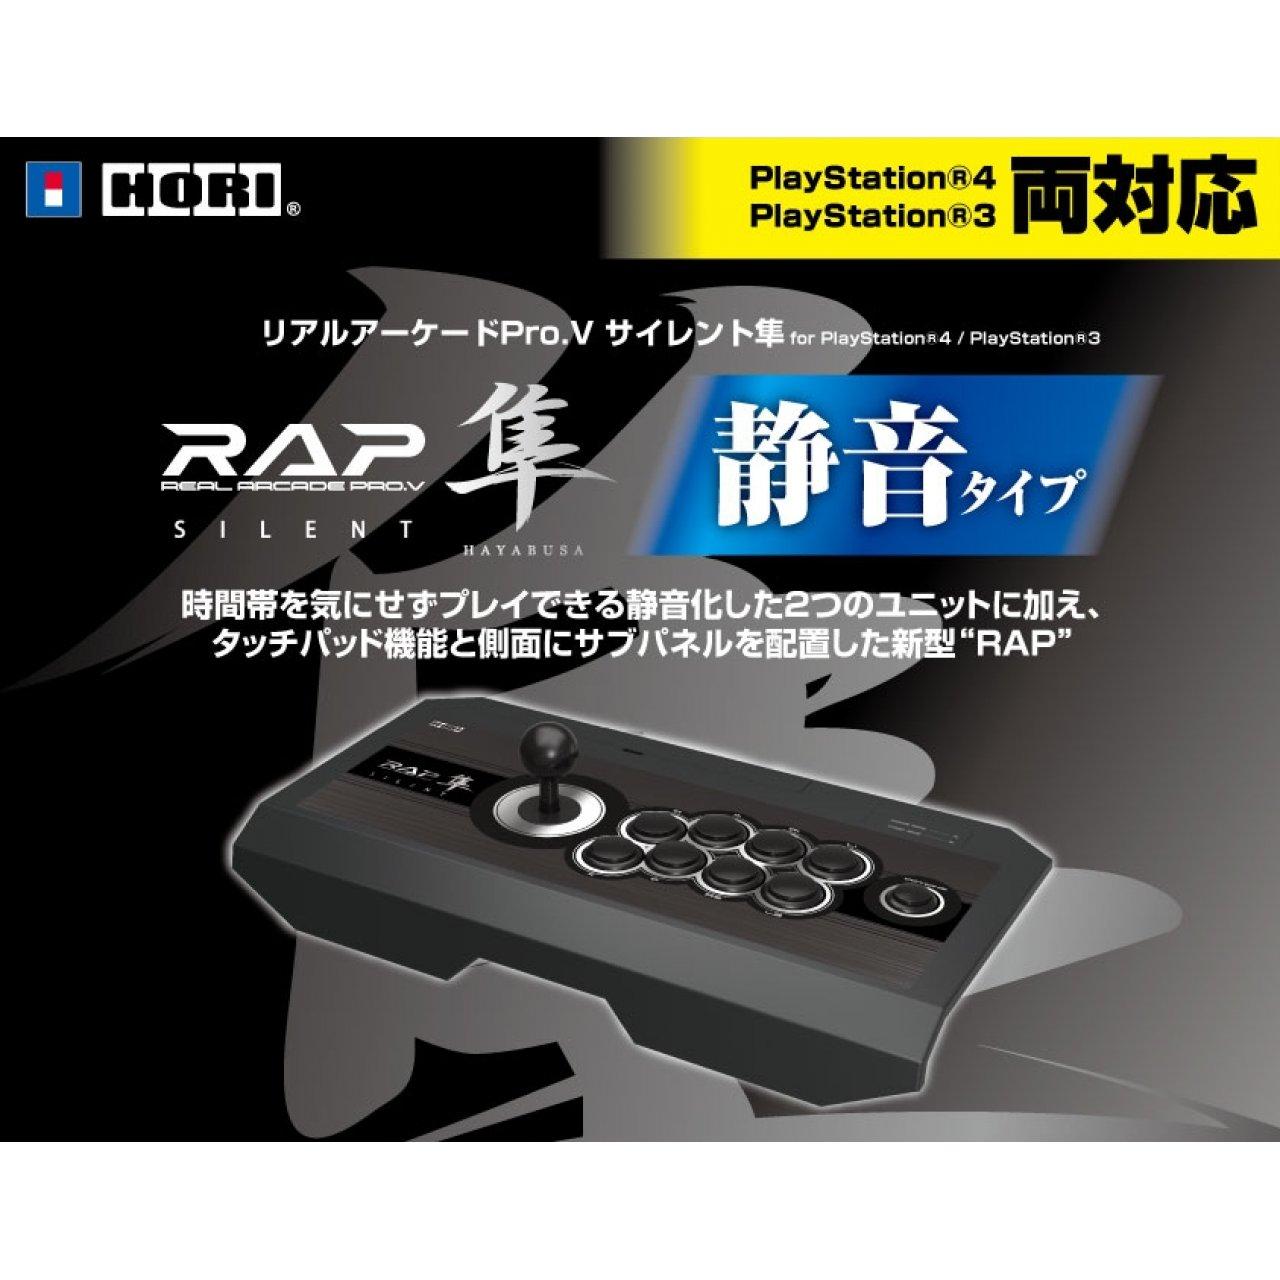 real-arcade-pro-v-silent-hayabusa-for-playstation-4-playstation-403105.1.jpg